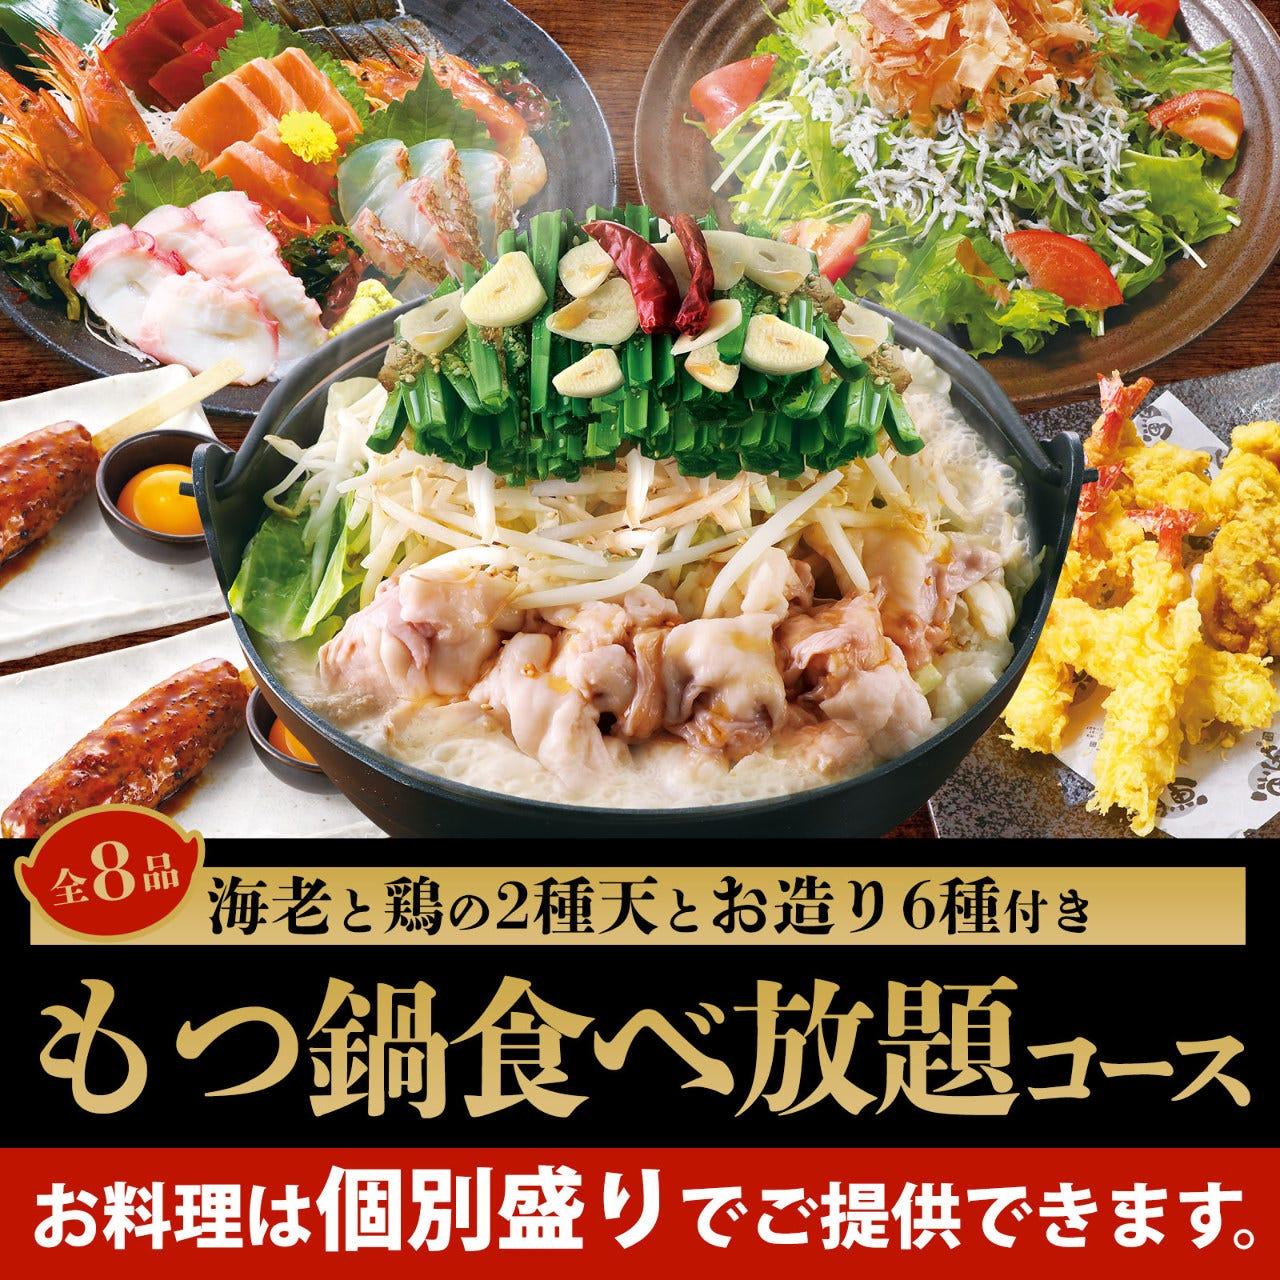 【人気コース!】 2種天とお造り6種付きもつ鍋食べ放題コース!